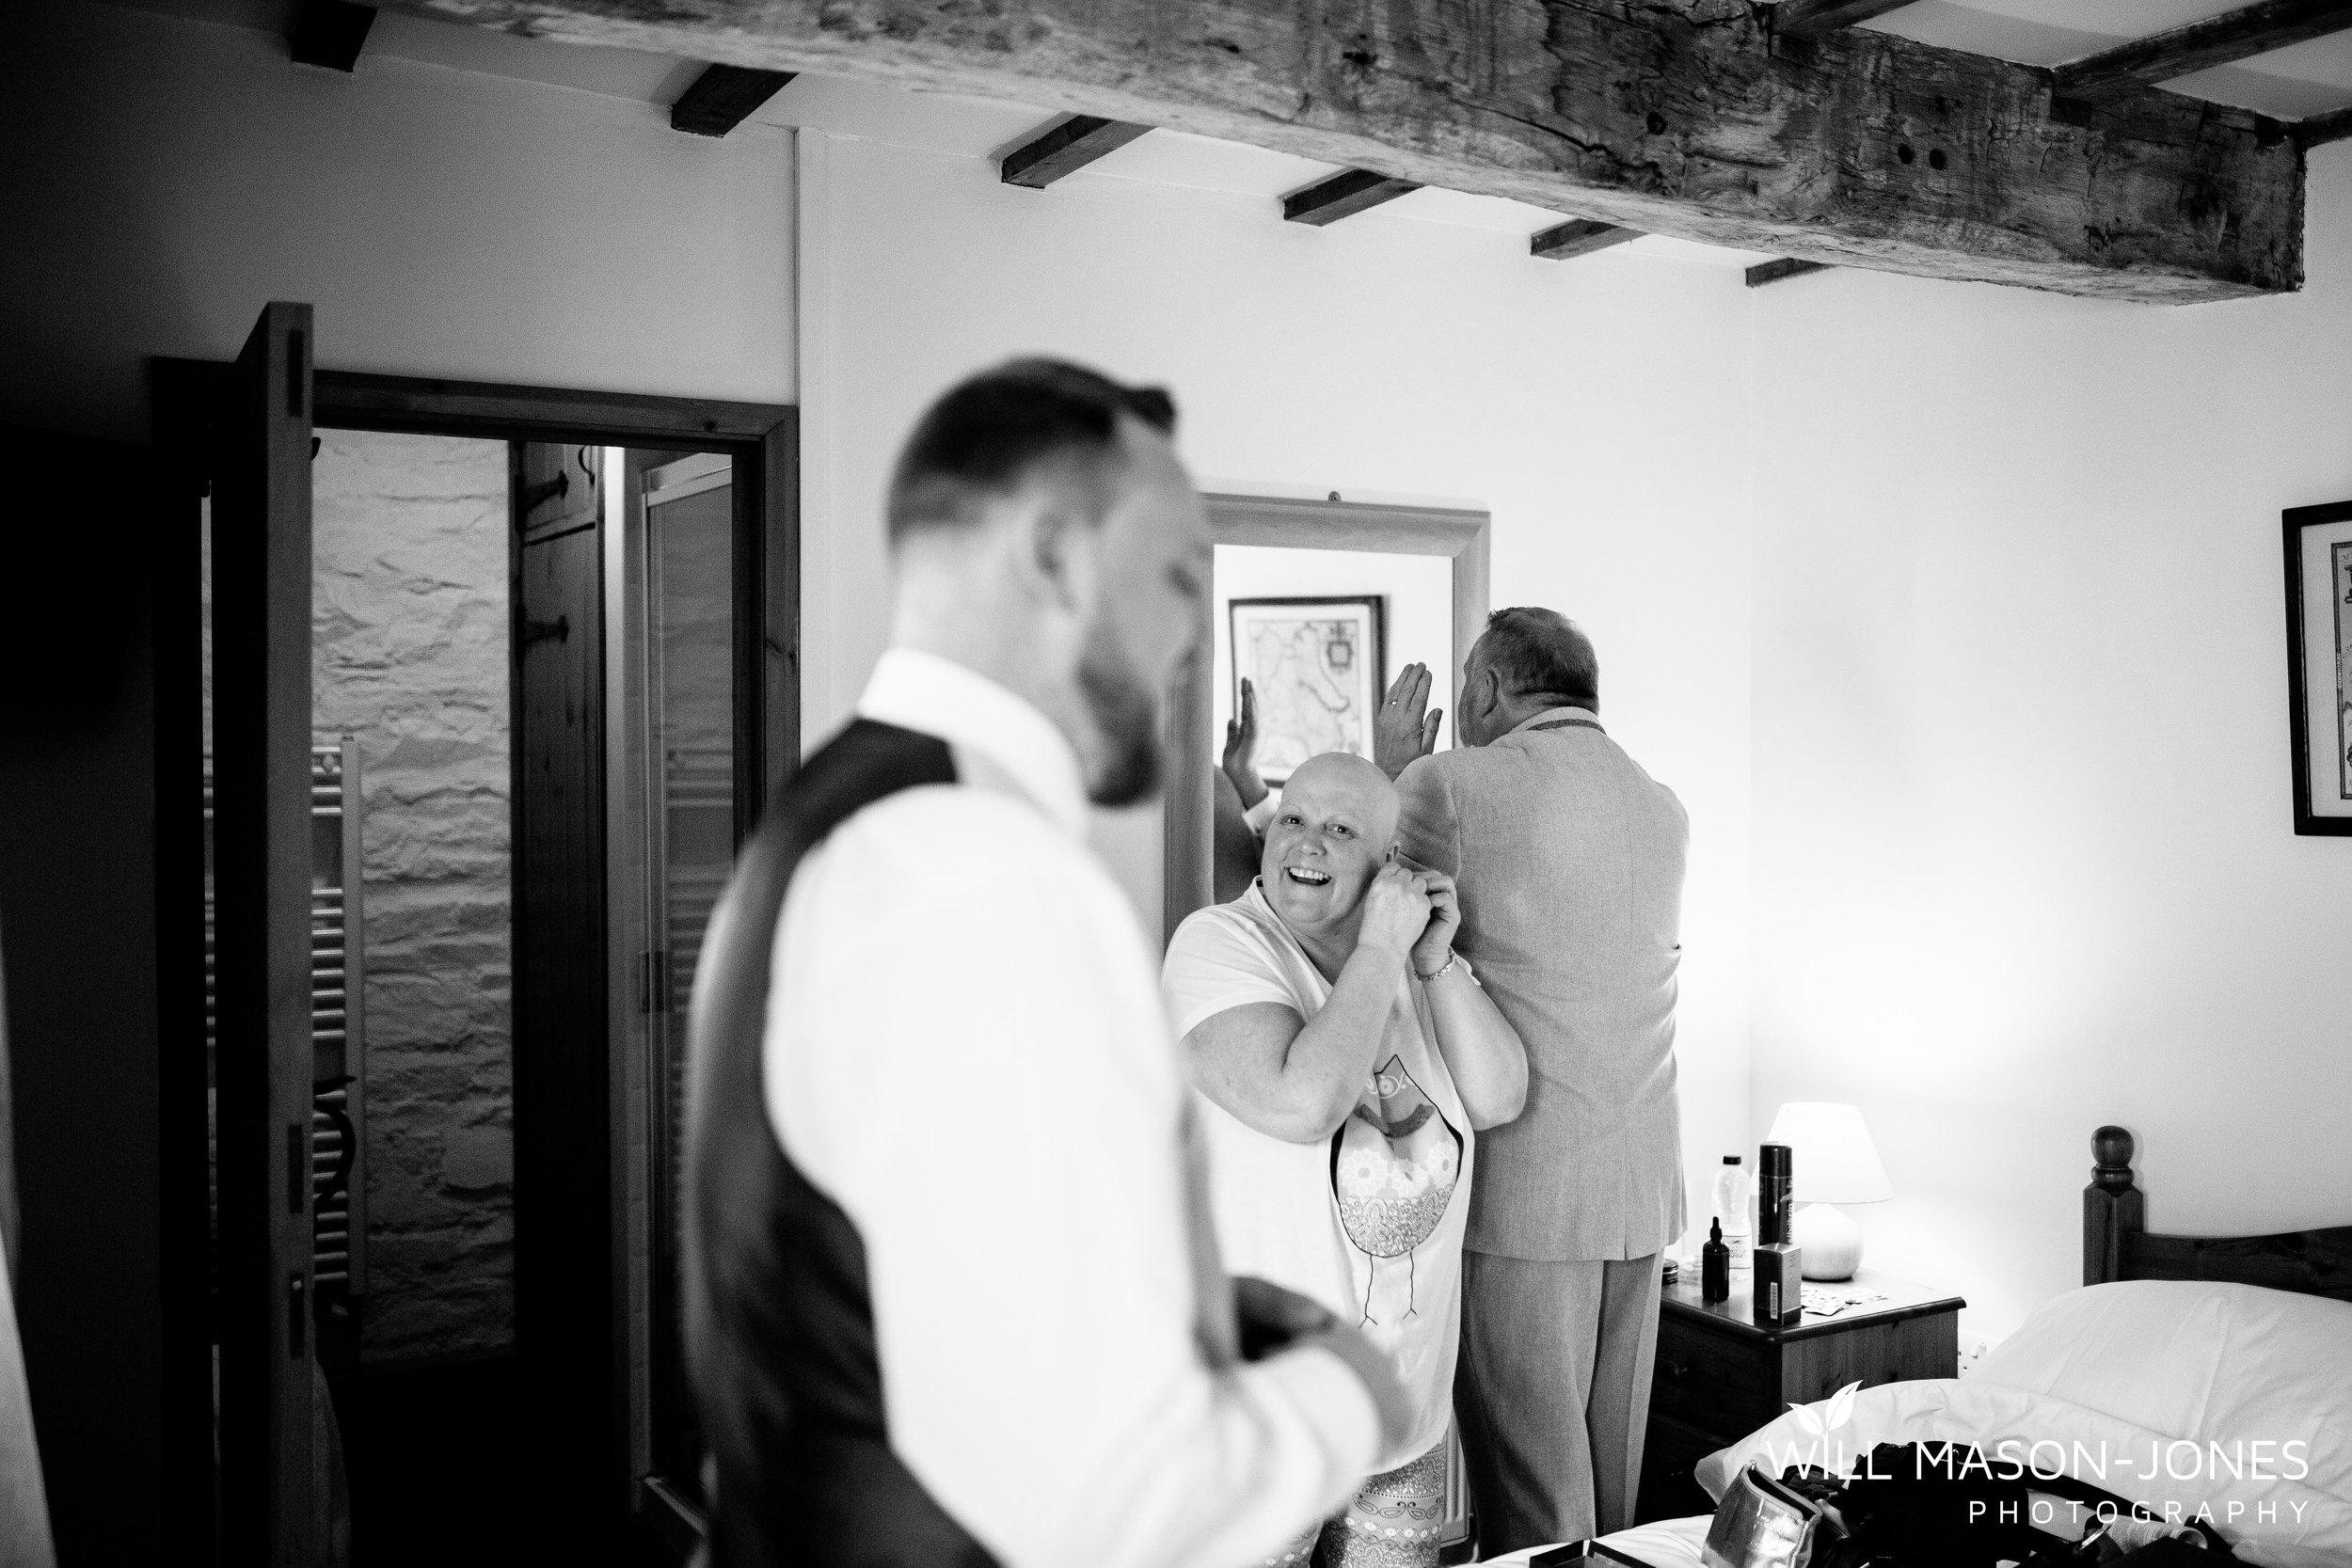 barn-y-brynych-brecon-swansea-wedding-photographer-cardiff-2.jpg